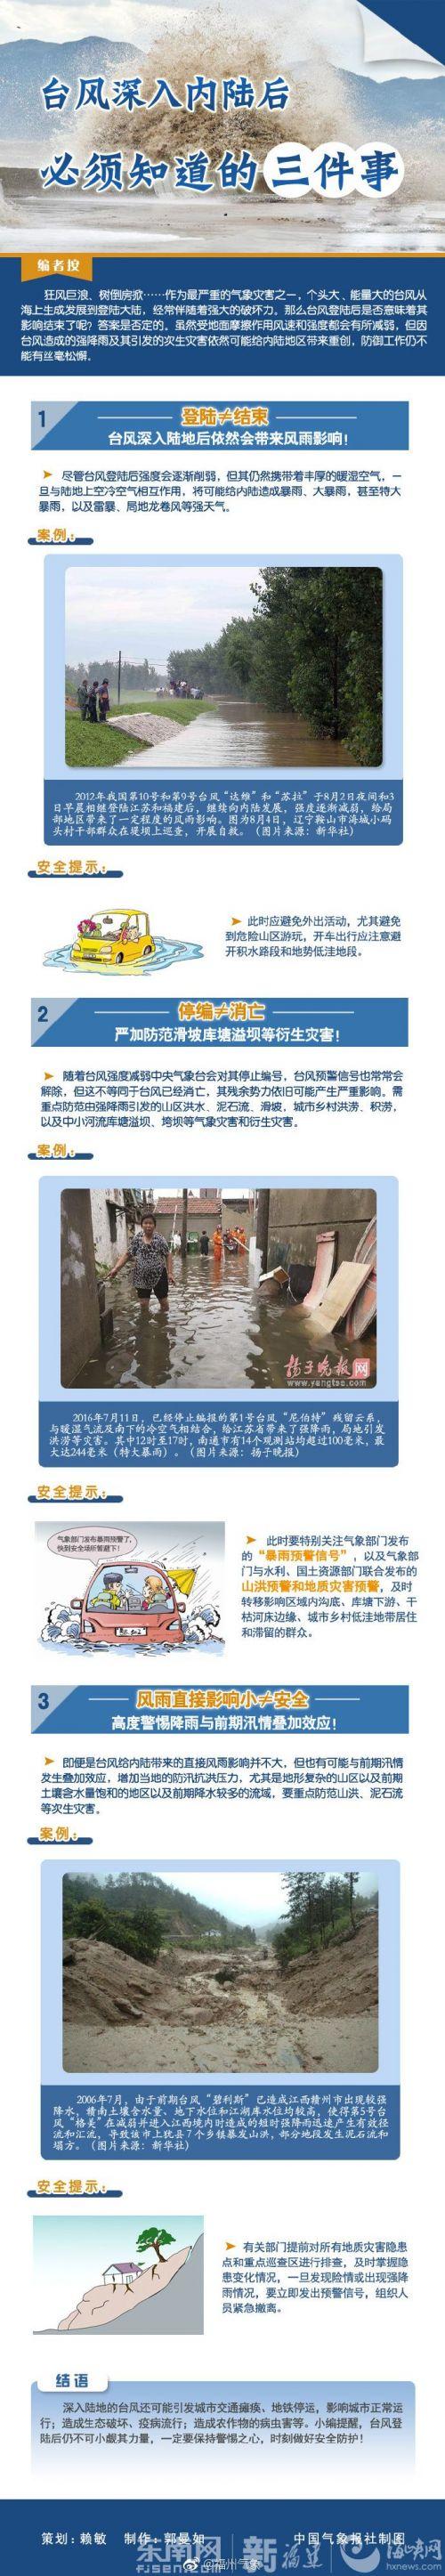 福州气象发出提醒:台风影响尚未结束